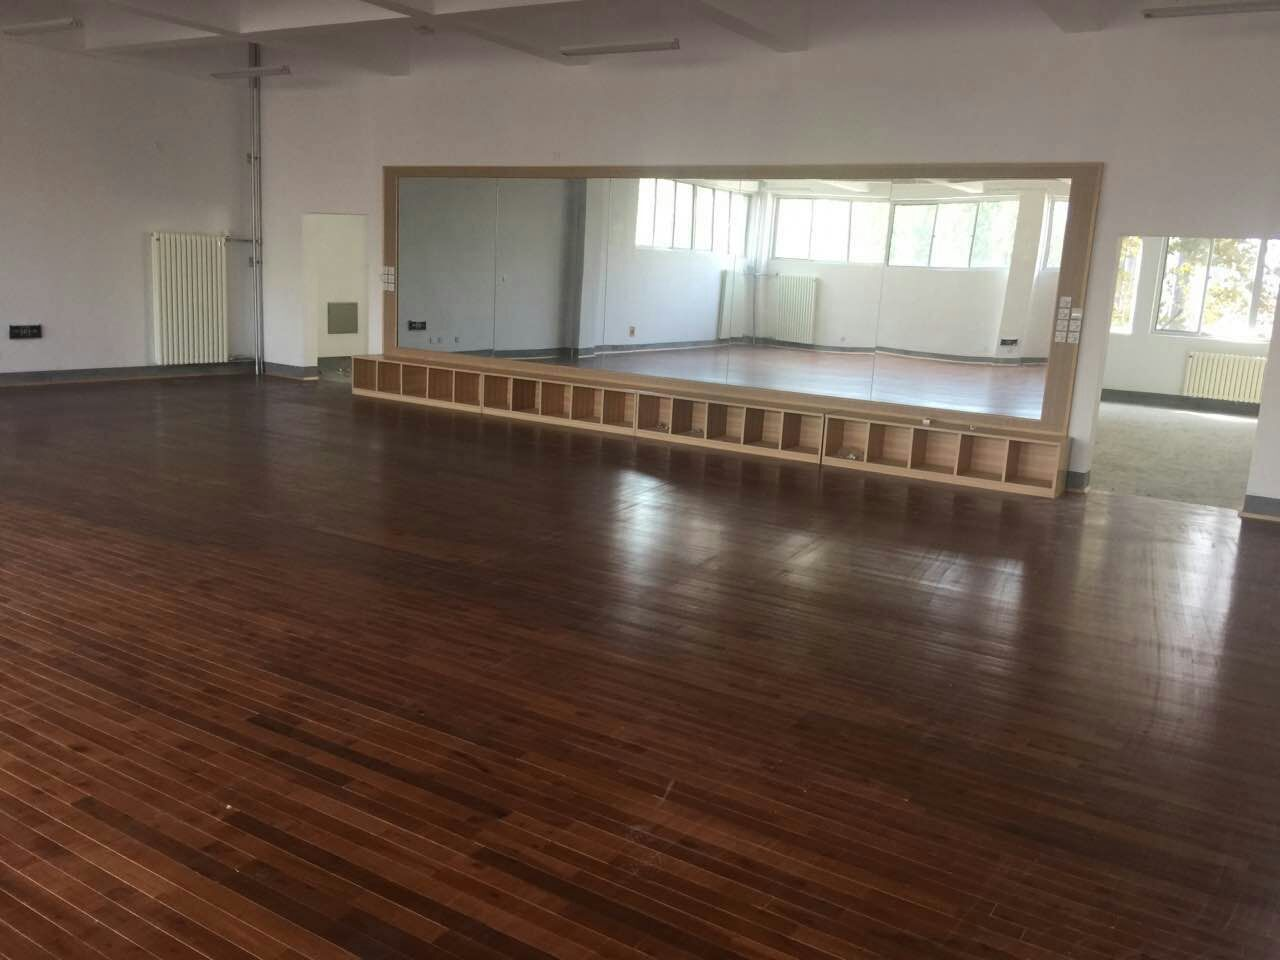 舞蹈房木地板--山东文化艺术学院成功案例